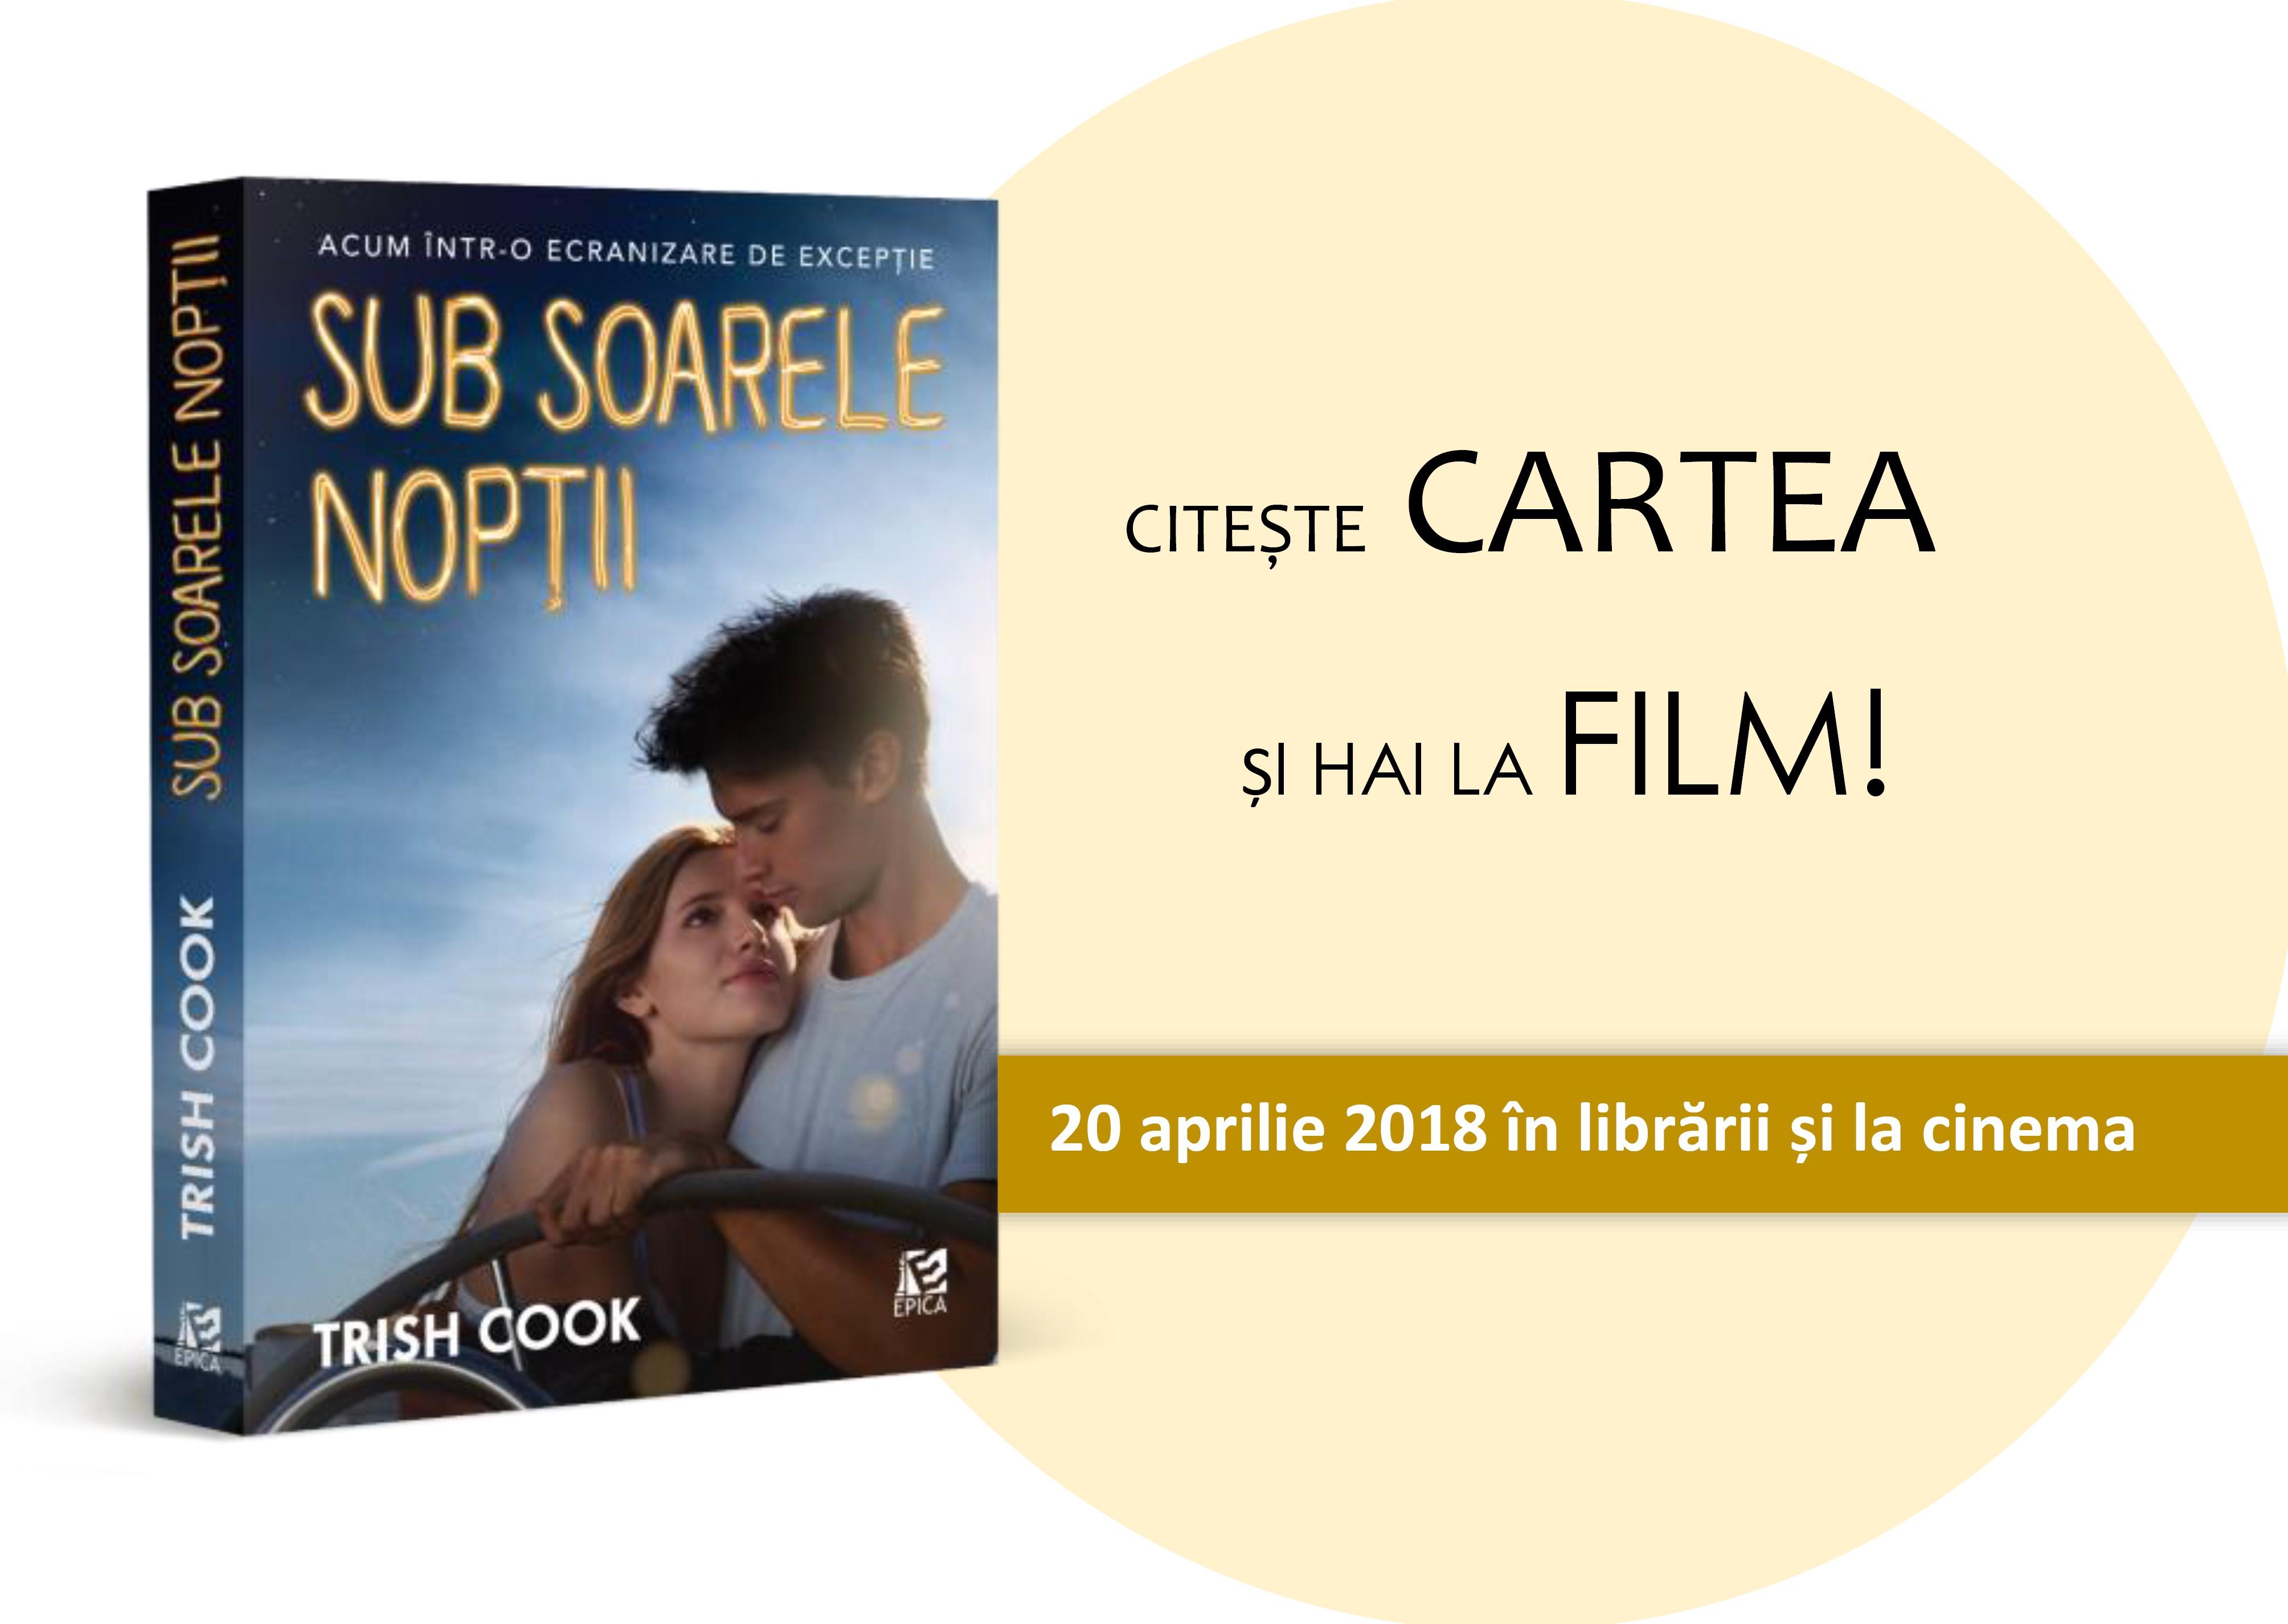 """Romanul """"Sub soarele nopții"""" de Trish Cook va fi ecranizat"""